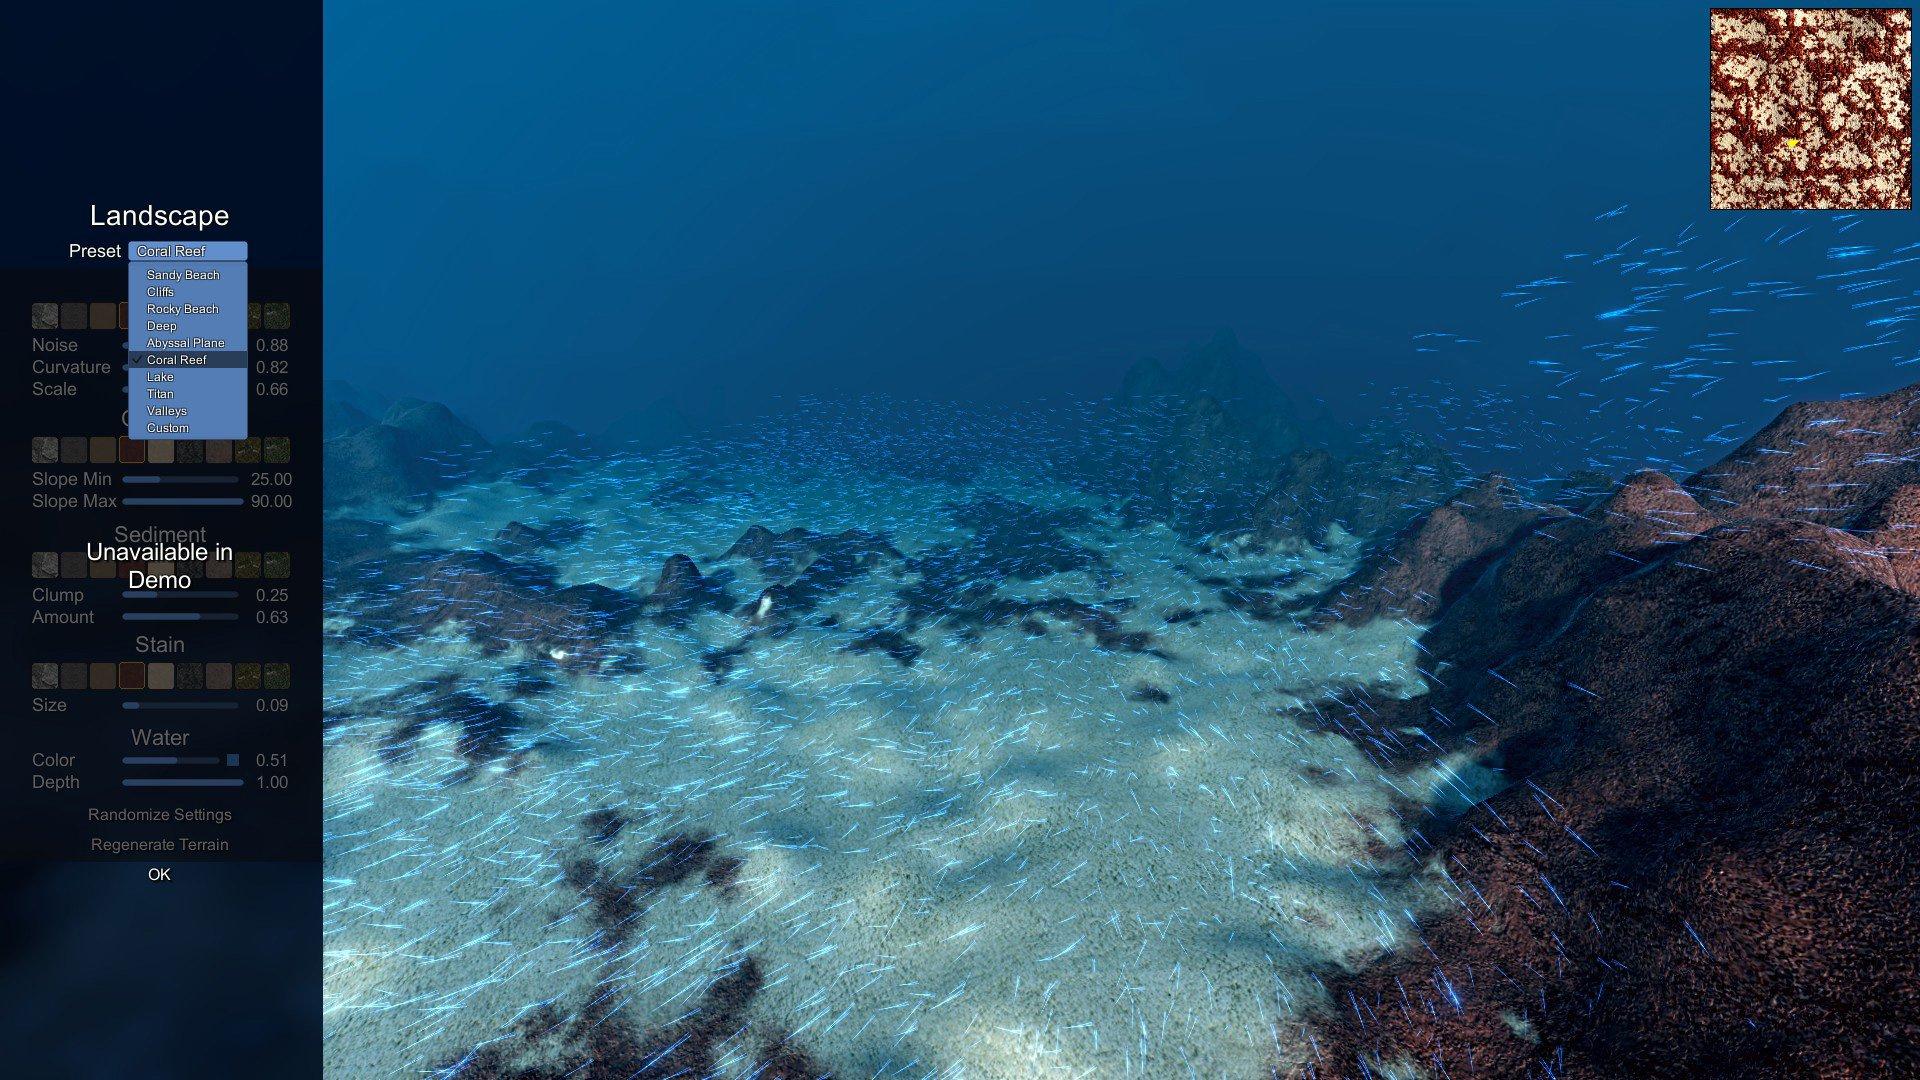 """La démo pour Ecosystem limite les paramètres de randomisation et les options affinées, mais vous pouvez choisir un préréglage comme """"coral reef"""" ou """"lake""""."""